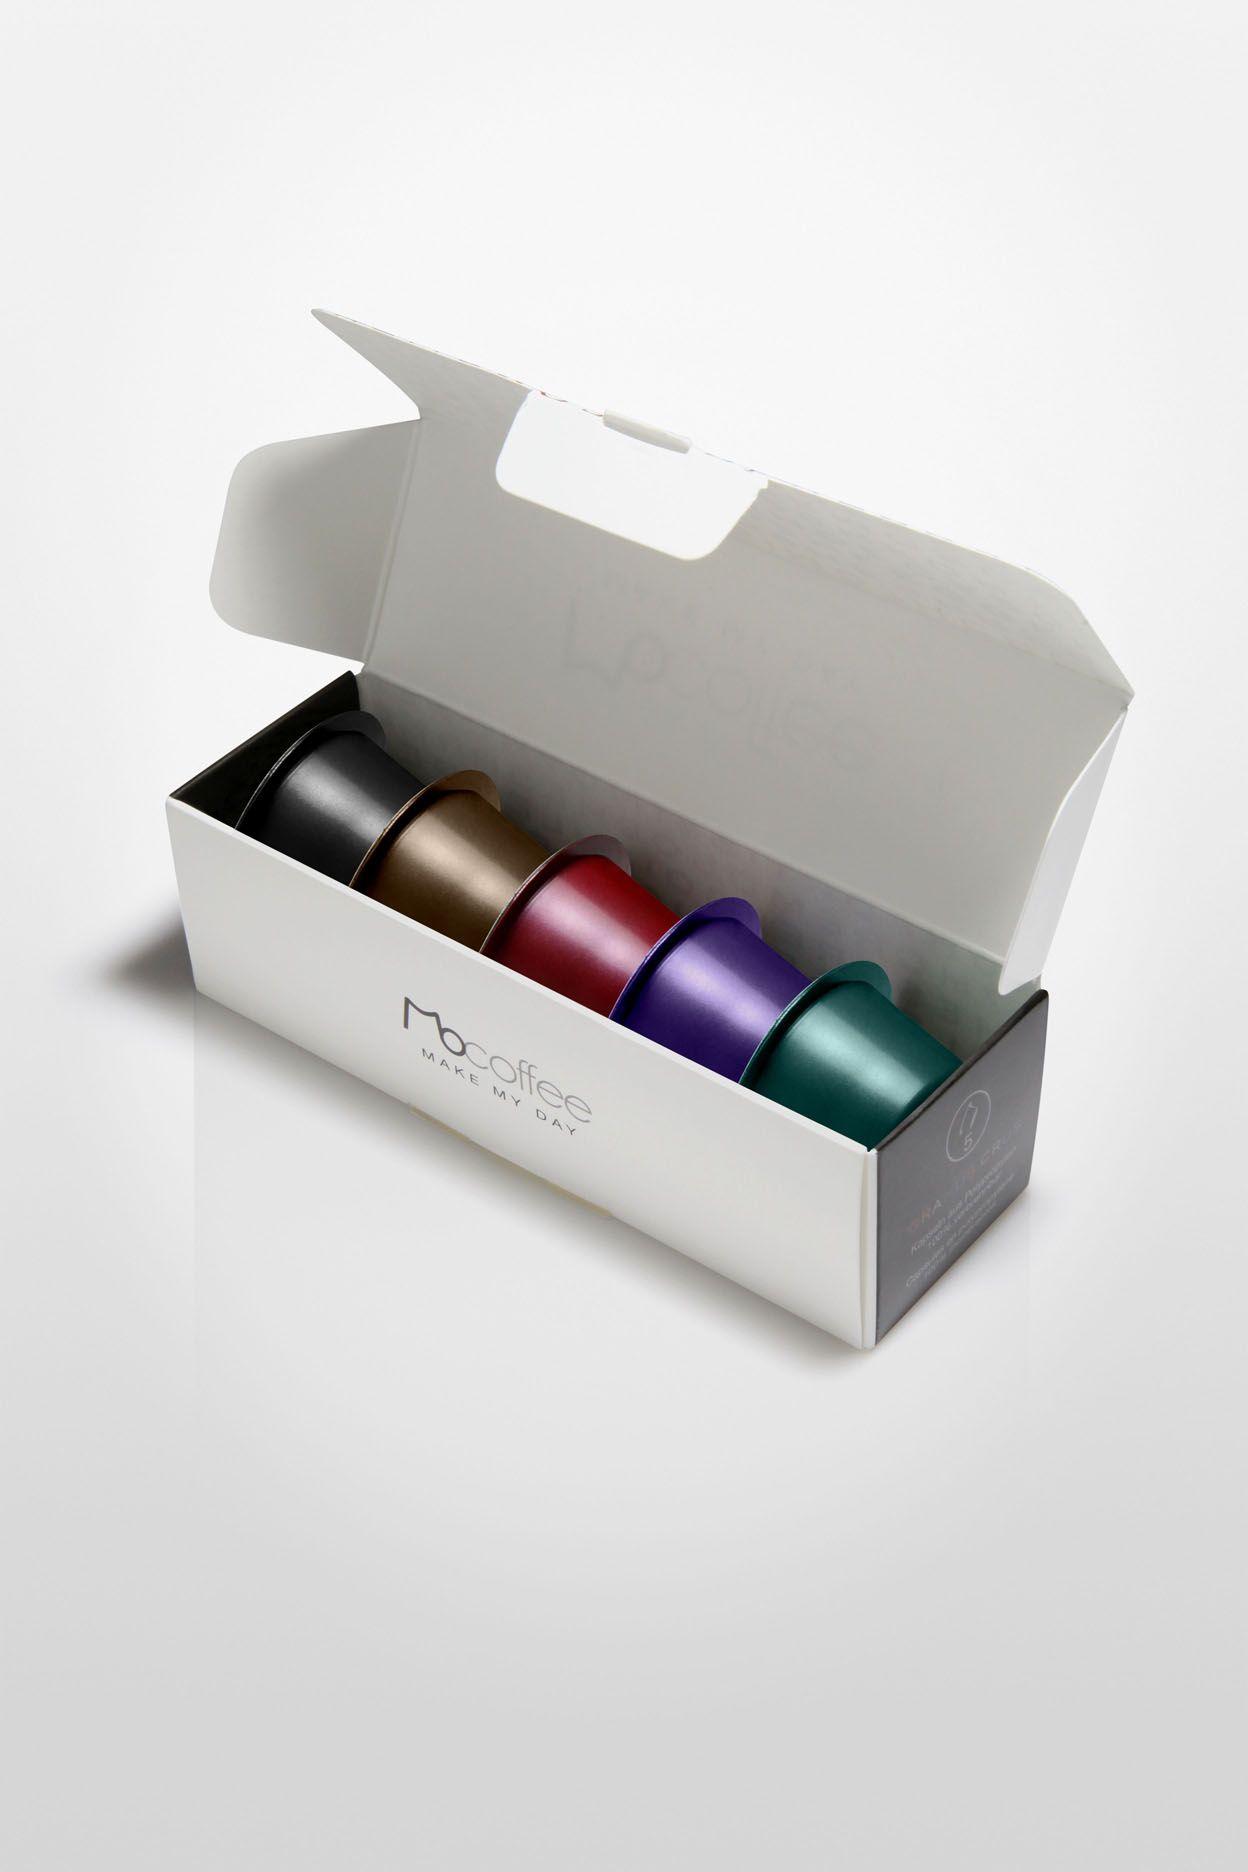 Mocoffee Sample Coffee Capsule Packaging